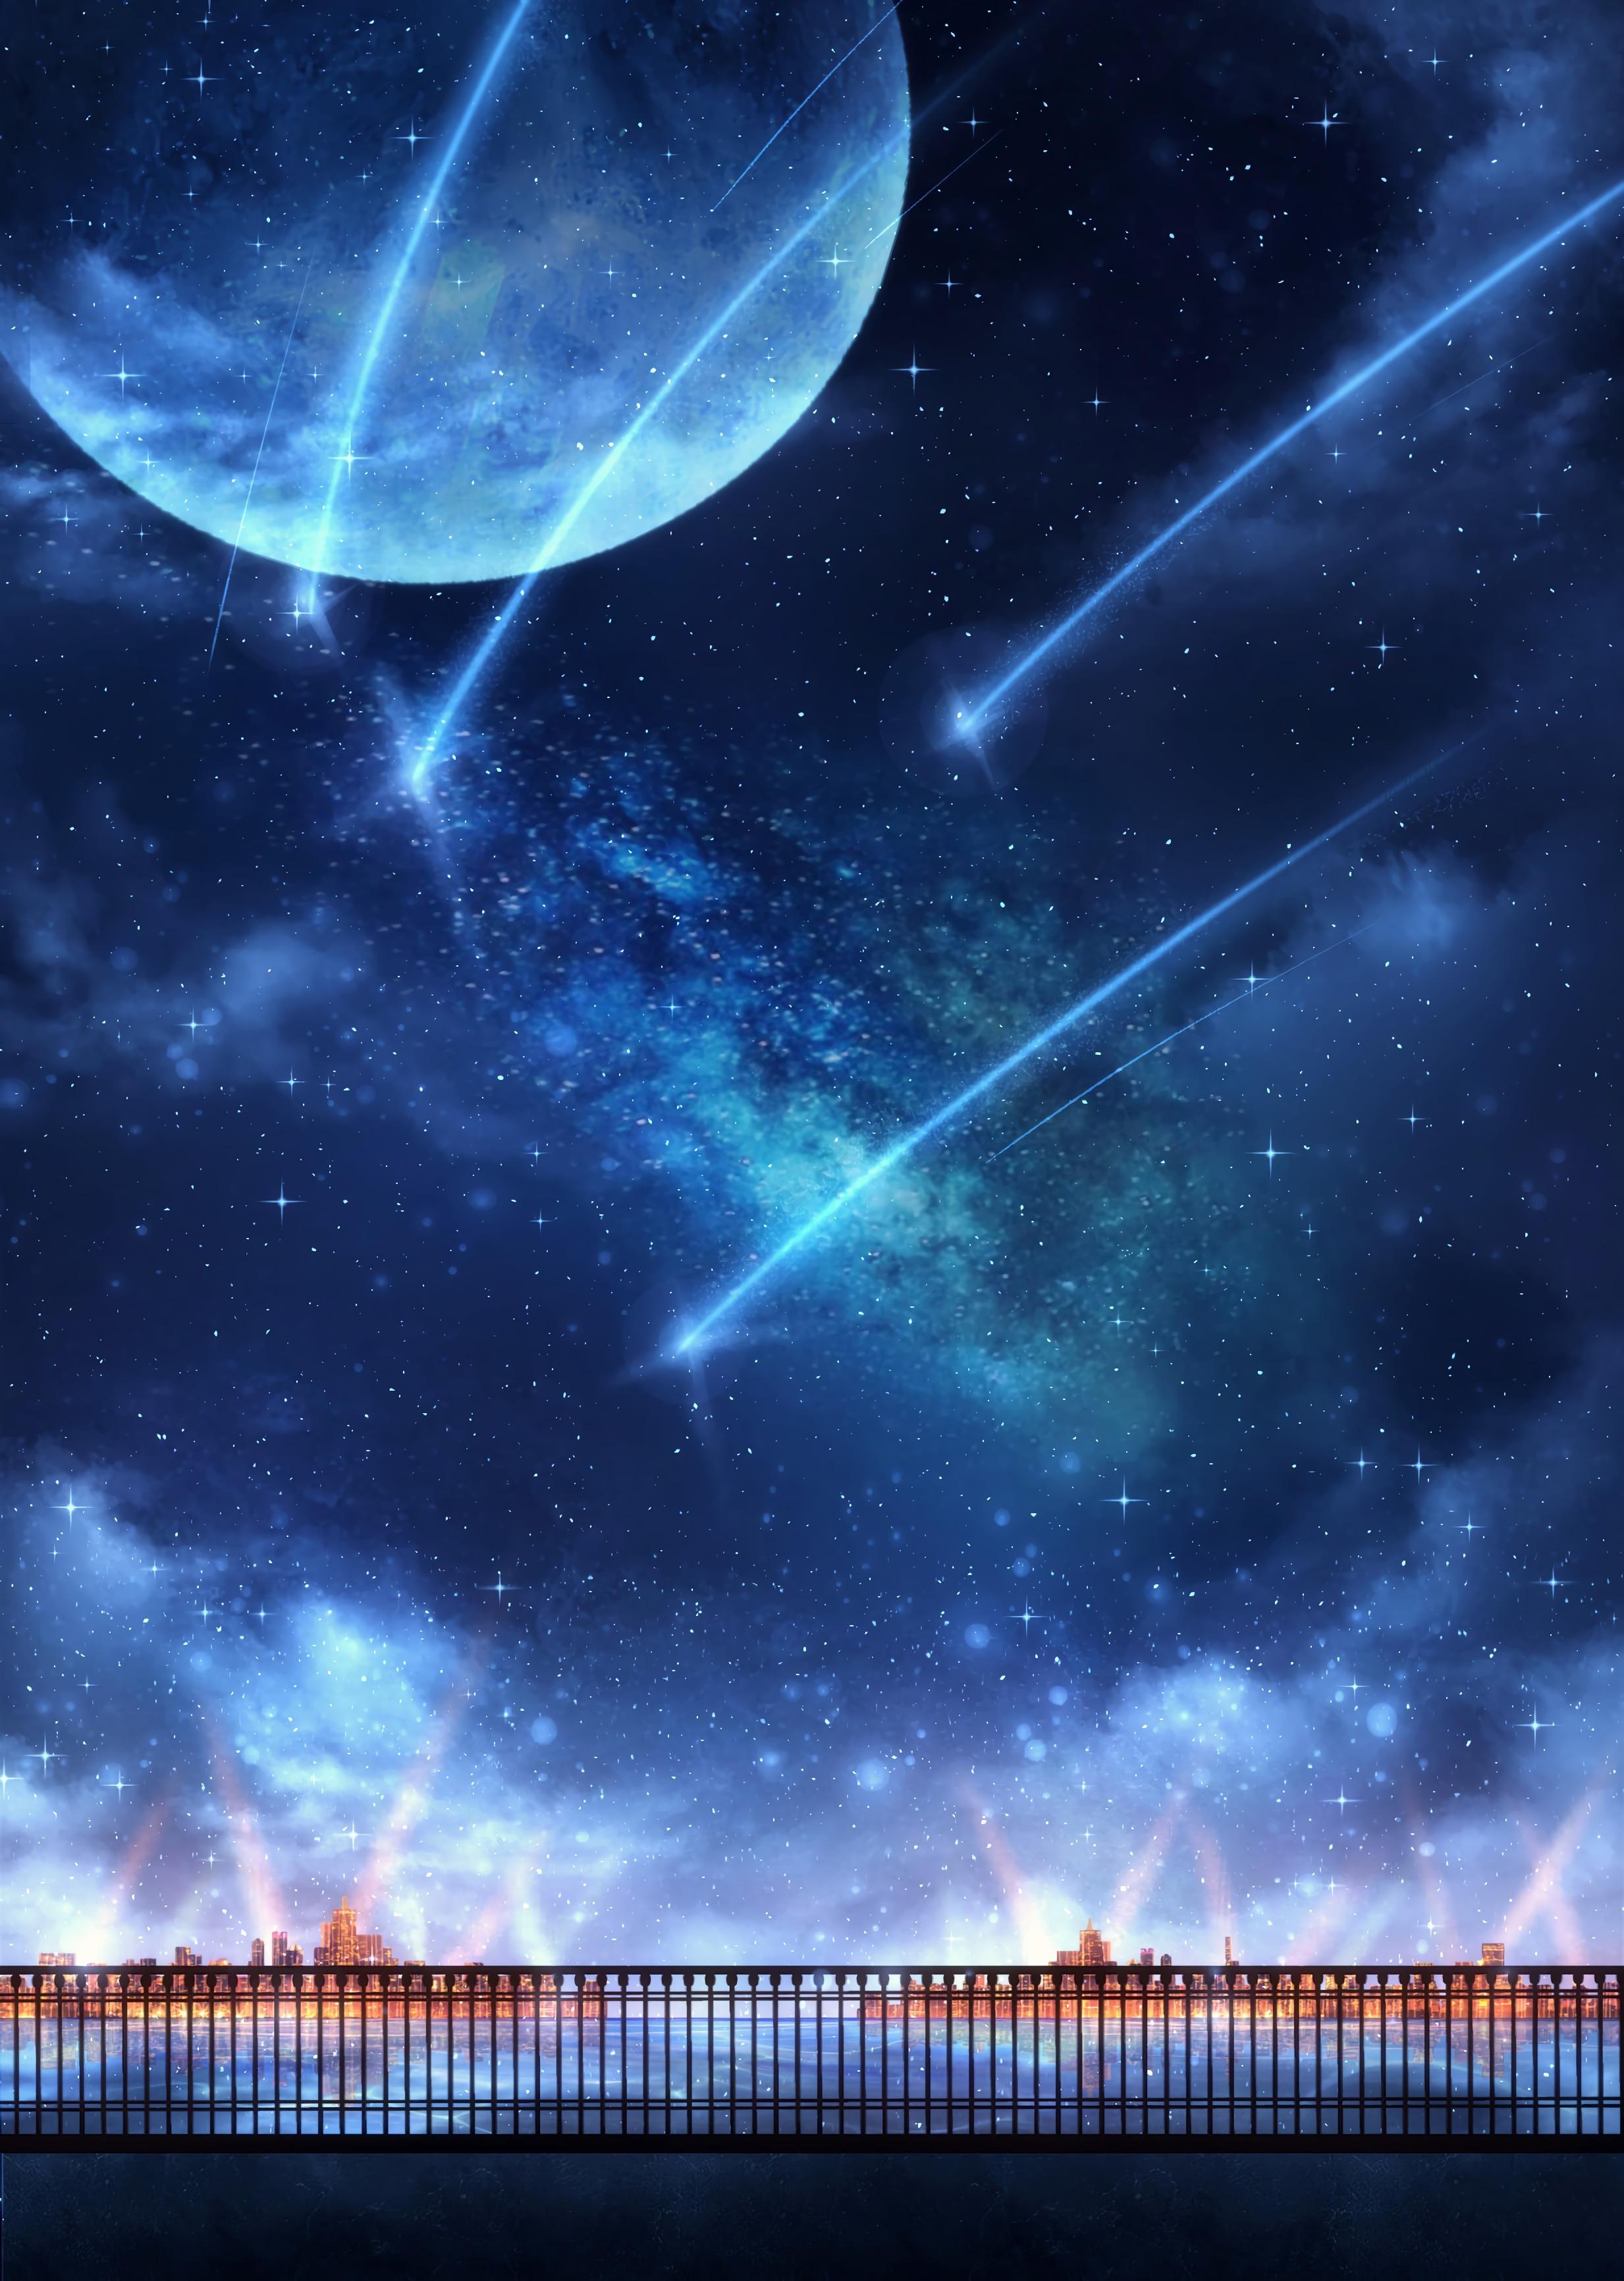 105506 免費下載壁紙 艺术, 月球, 星云, 灯光, 灯具, 粒子, 栅栏 屏保和圖片